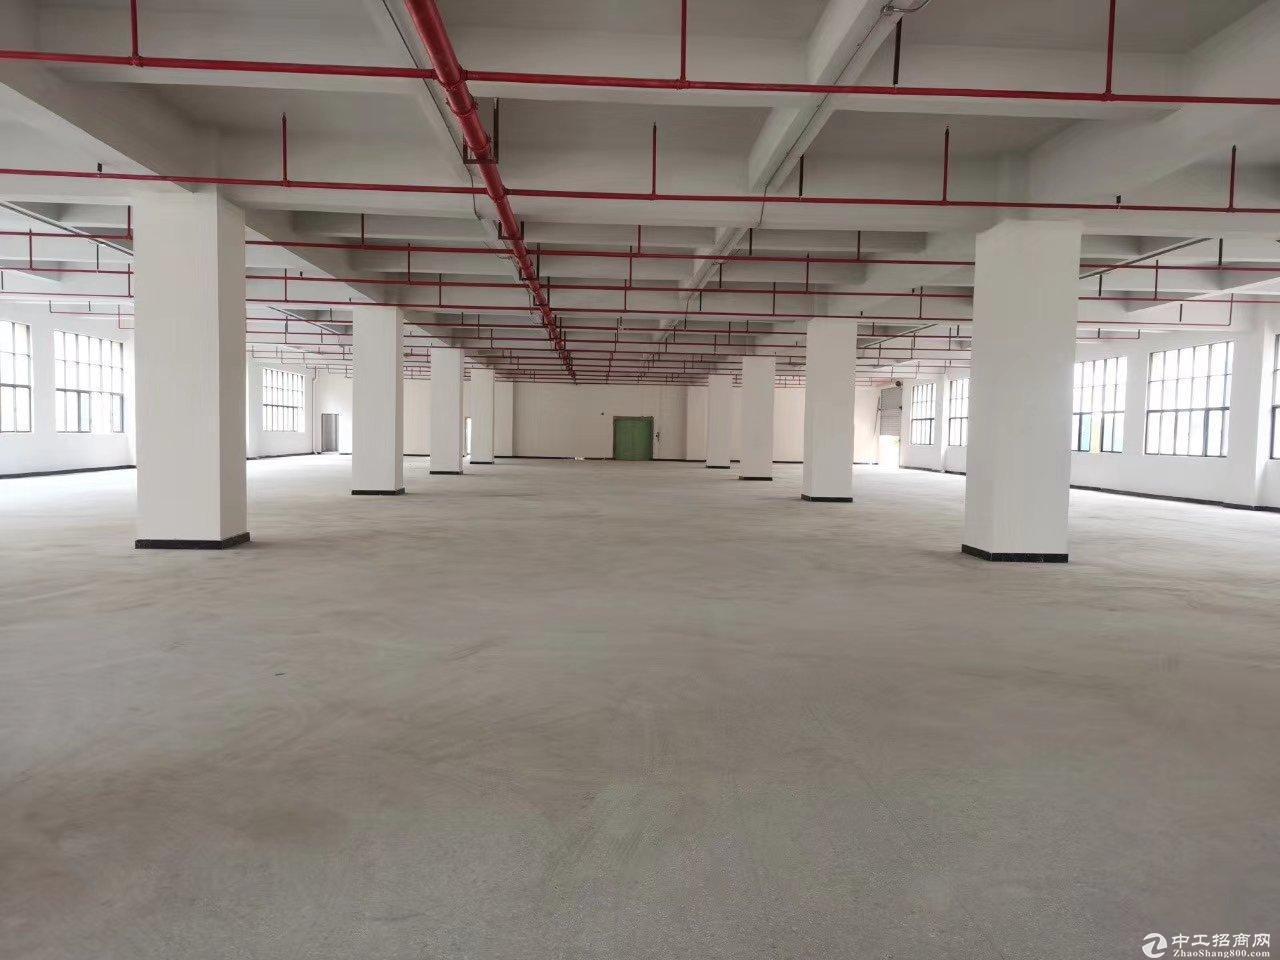 石岩机荷高速出口全新厂房500平米起出售独立红本50年